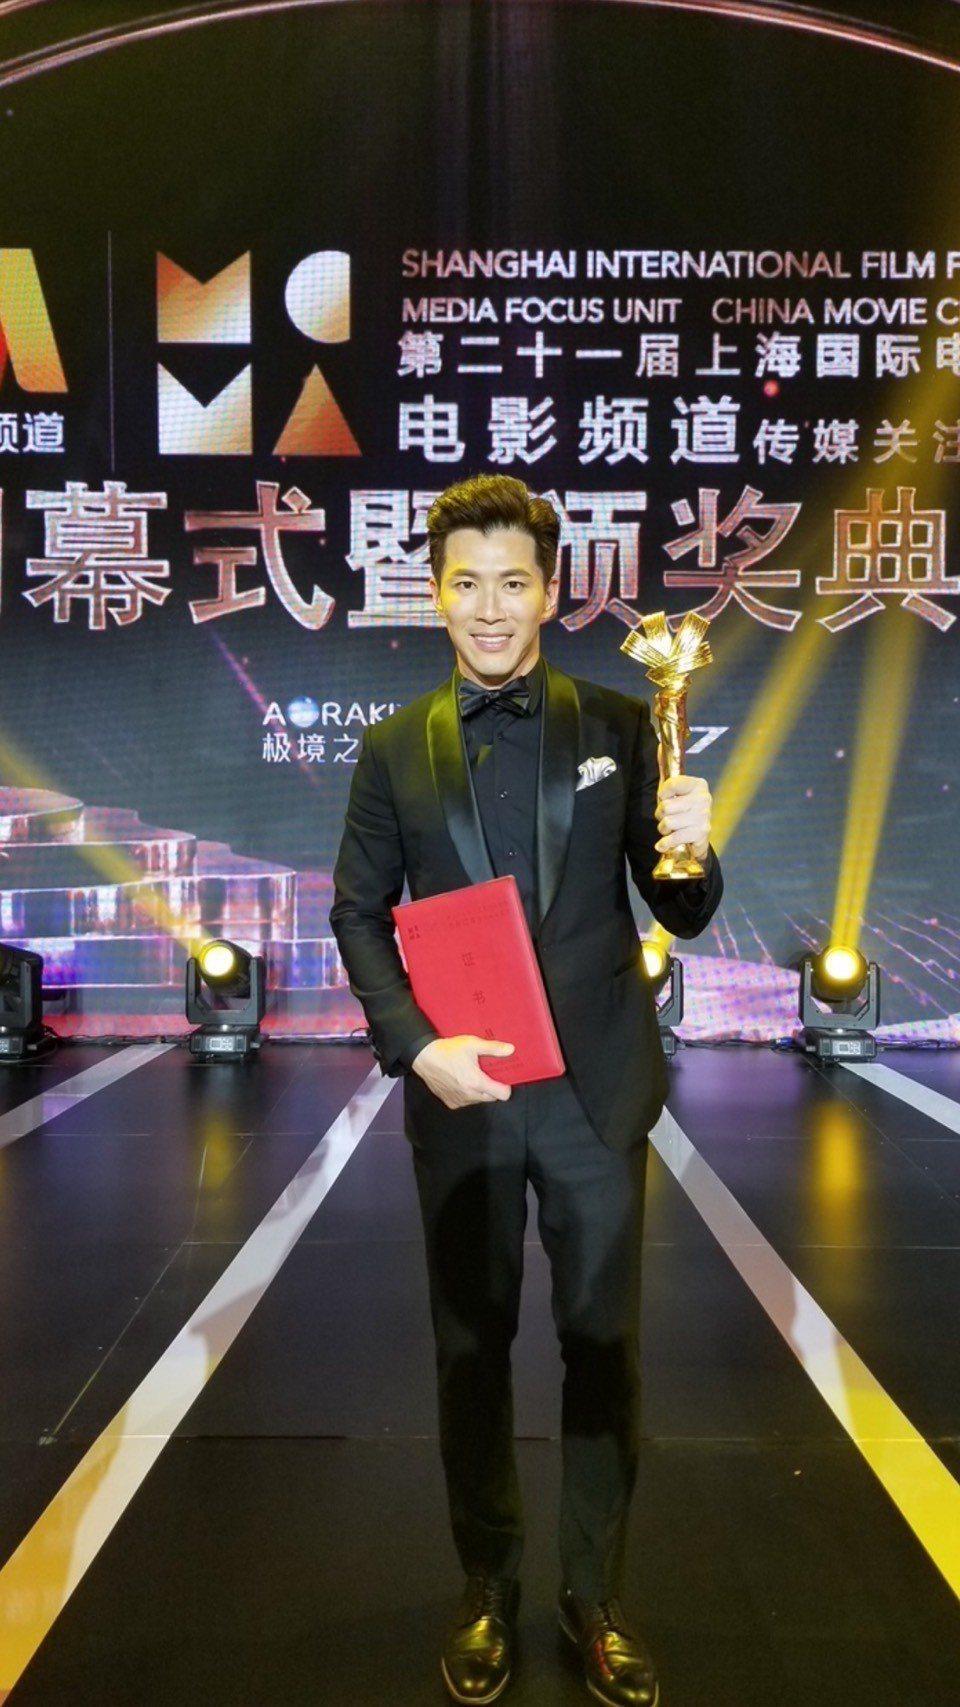 黃少祺主演「信仰者」拿下上海電影節特別榮譽獎,坦言拍攝該片從影以來最艱辛、慘烈的...